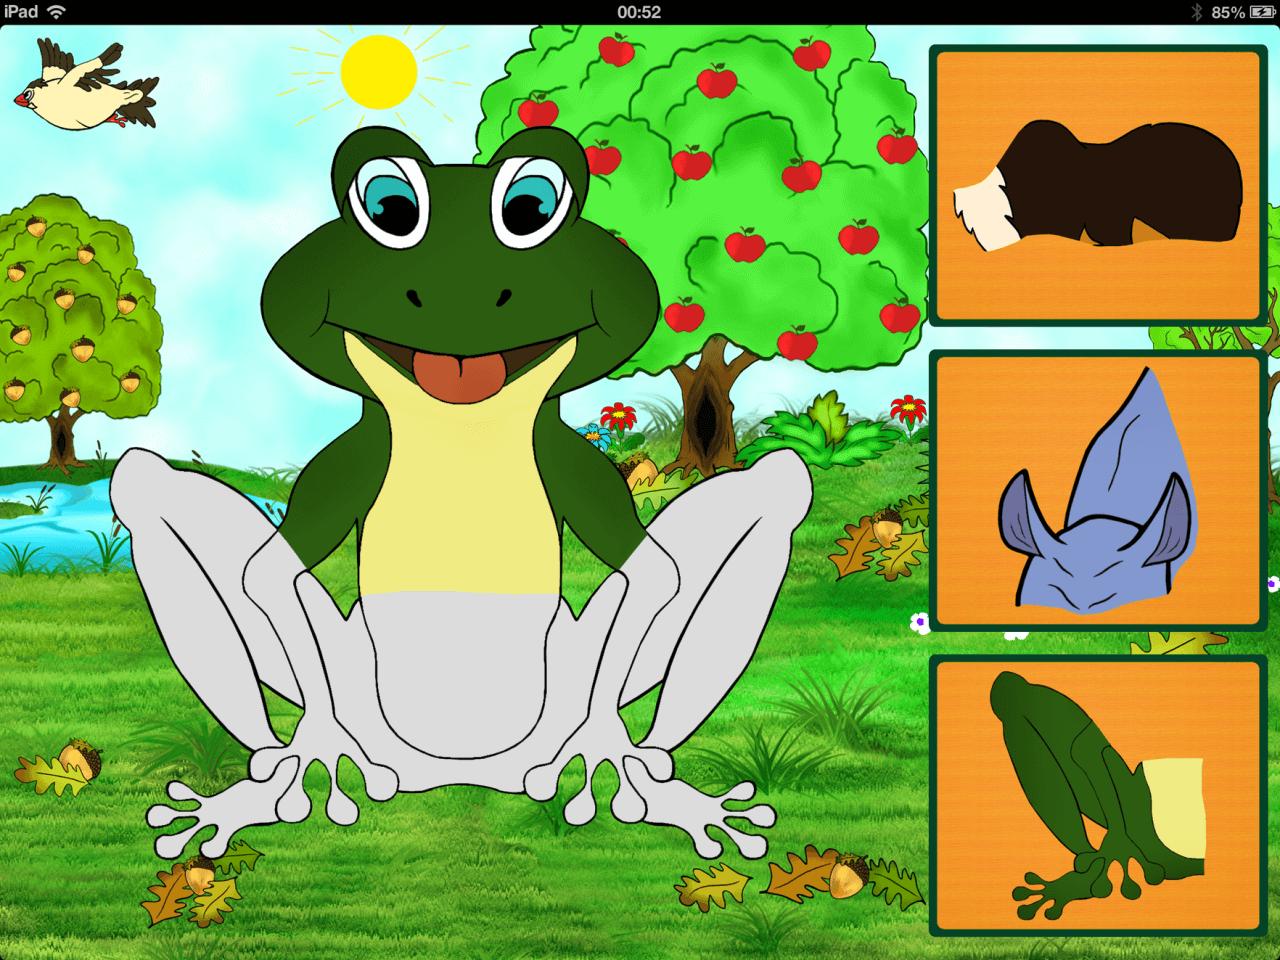 """игра для iPad  """"Joyful Animals for Kids"""""""